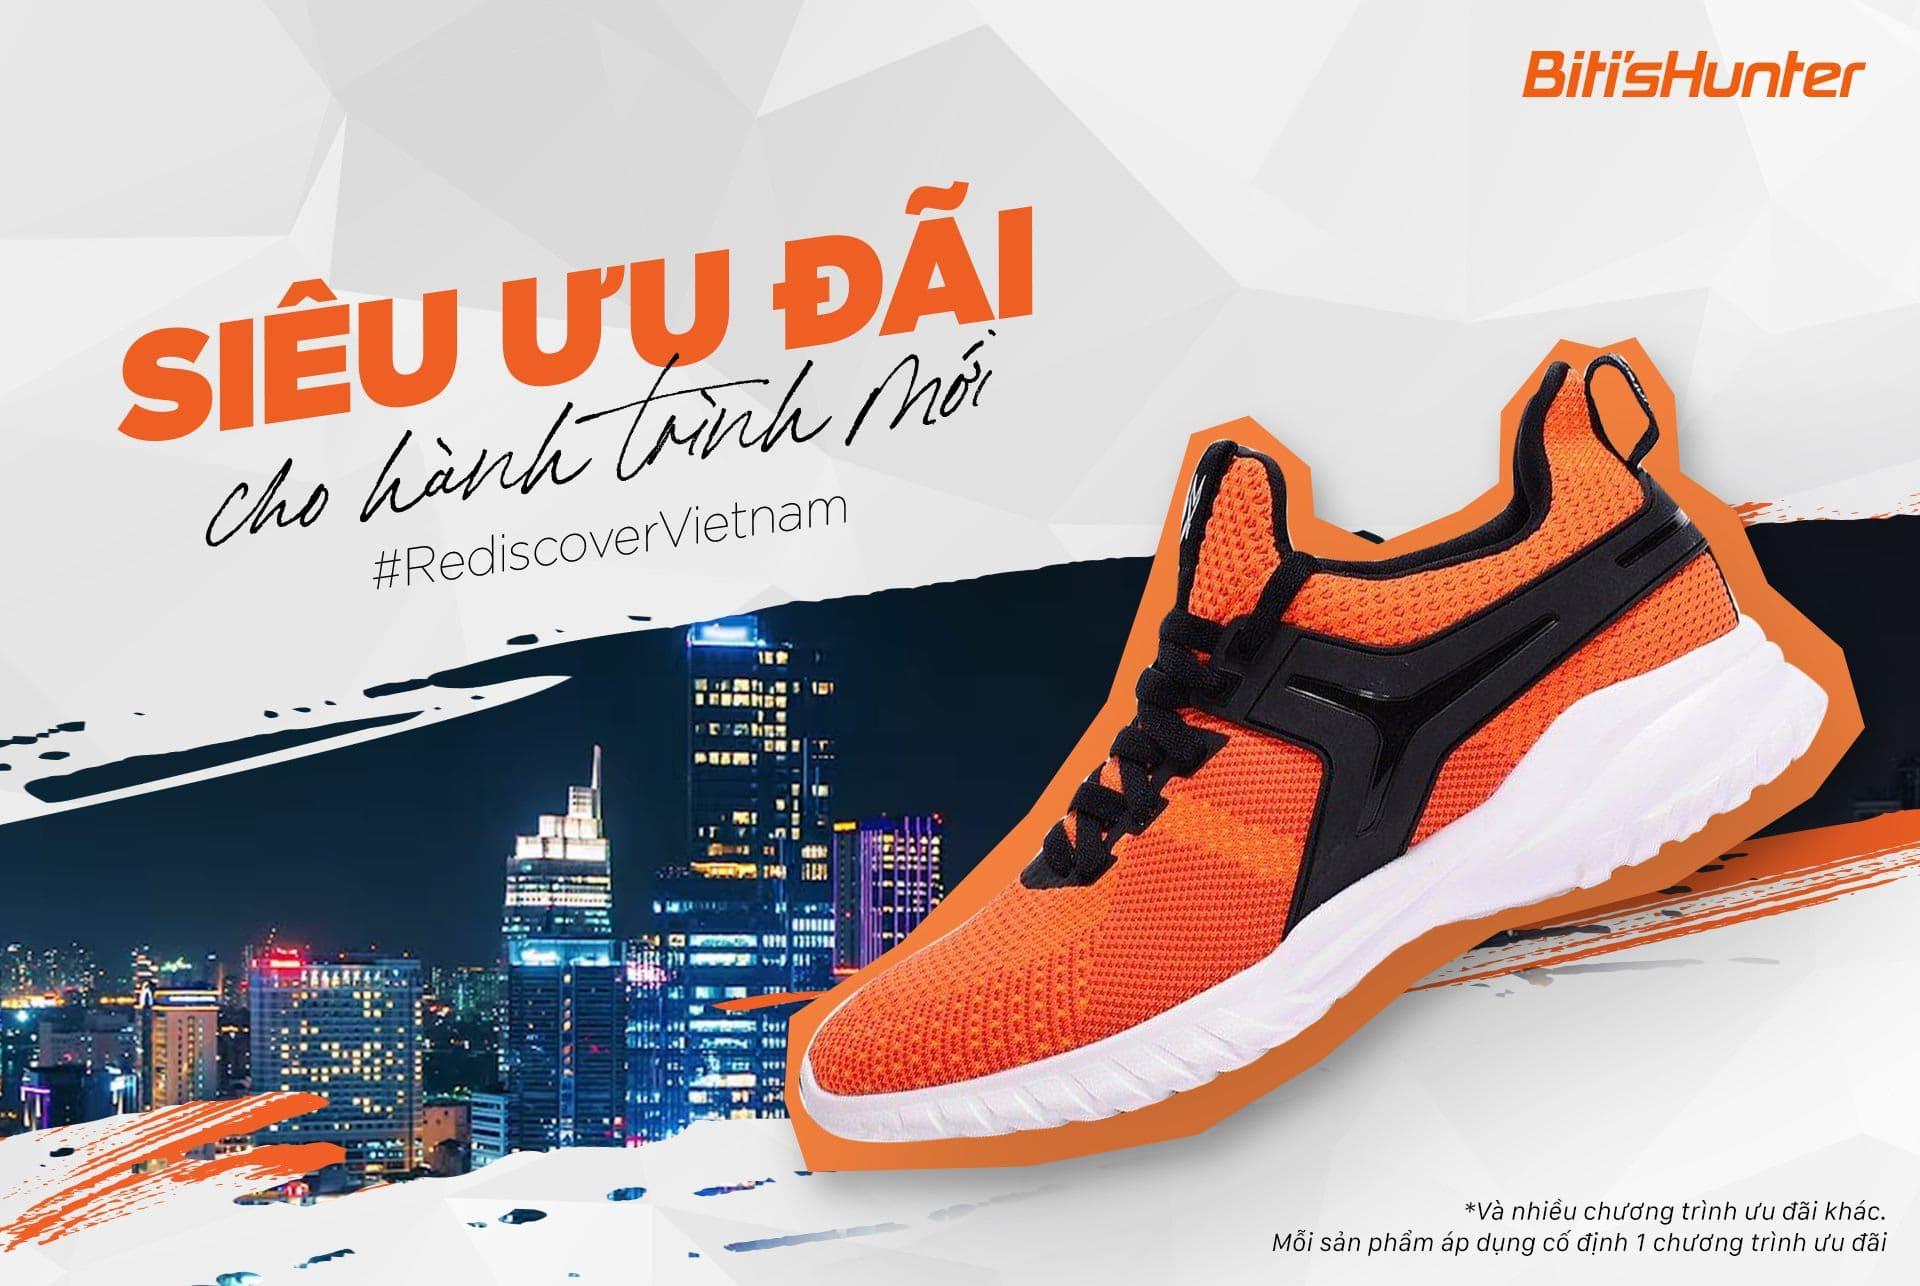 poster quảng cáo giày bitis